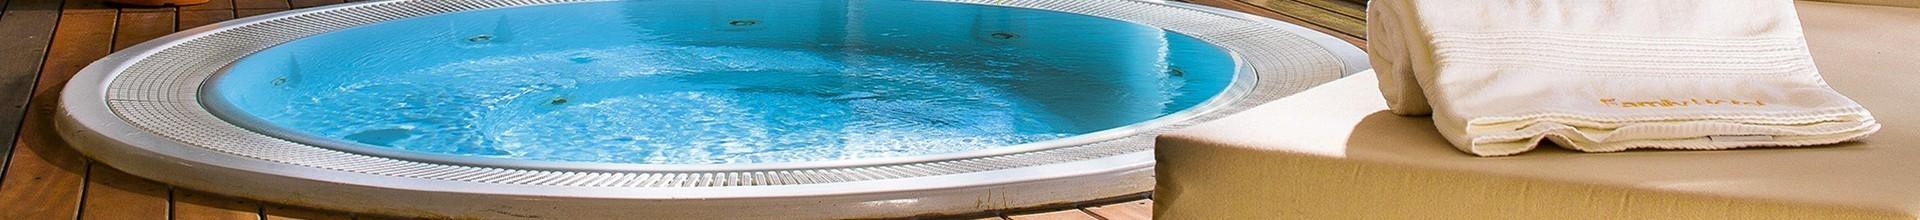 Vente spa en ligne direct fabricant, produit français Pays : Italie